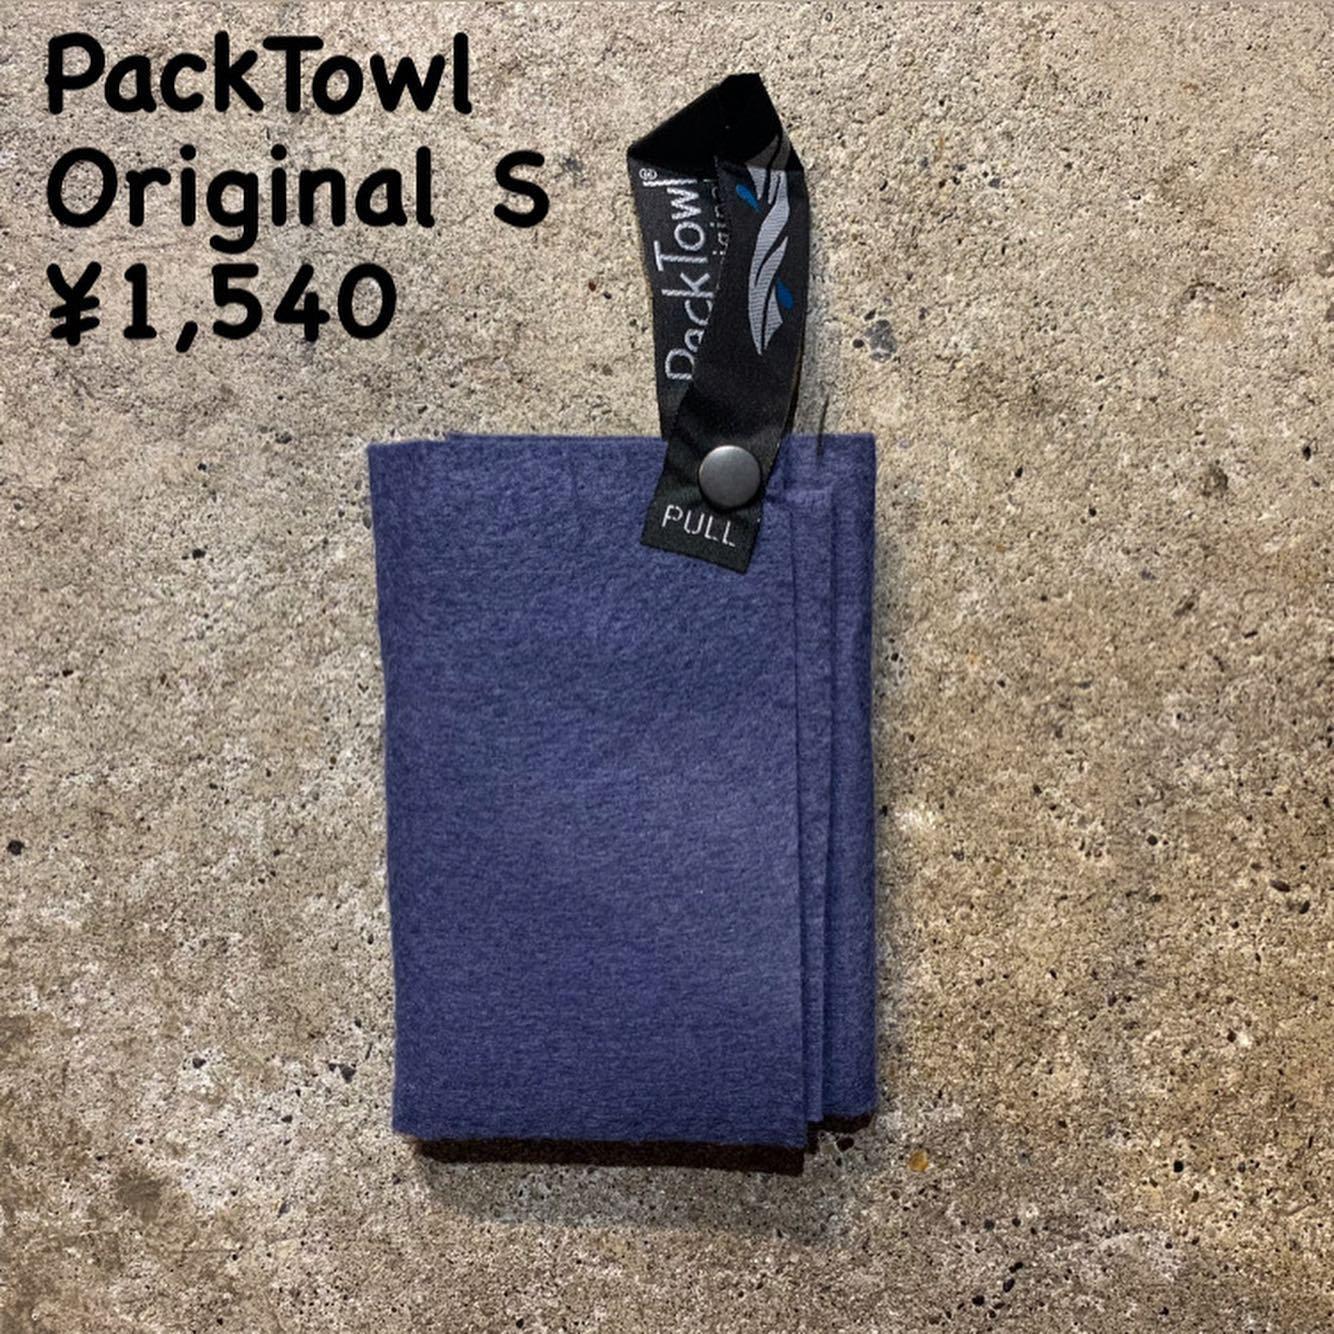 テントの結露吹きやキッチンまわりなど、様々な場面で活躍するタオル『PackTowl オリジナル』のご紹介